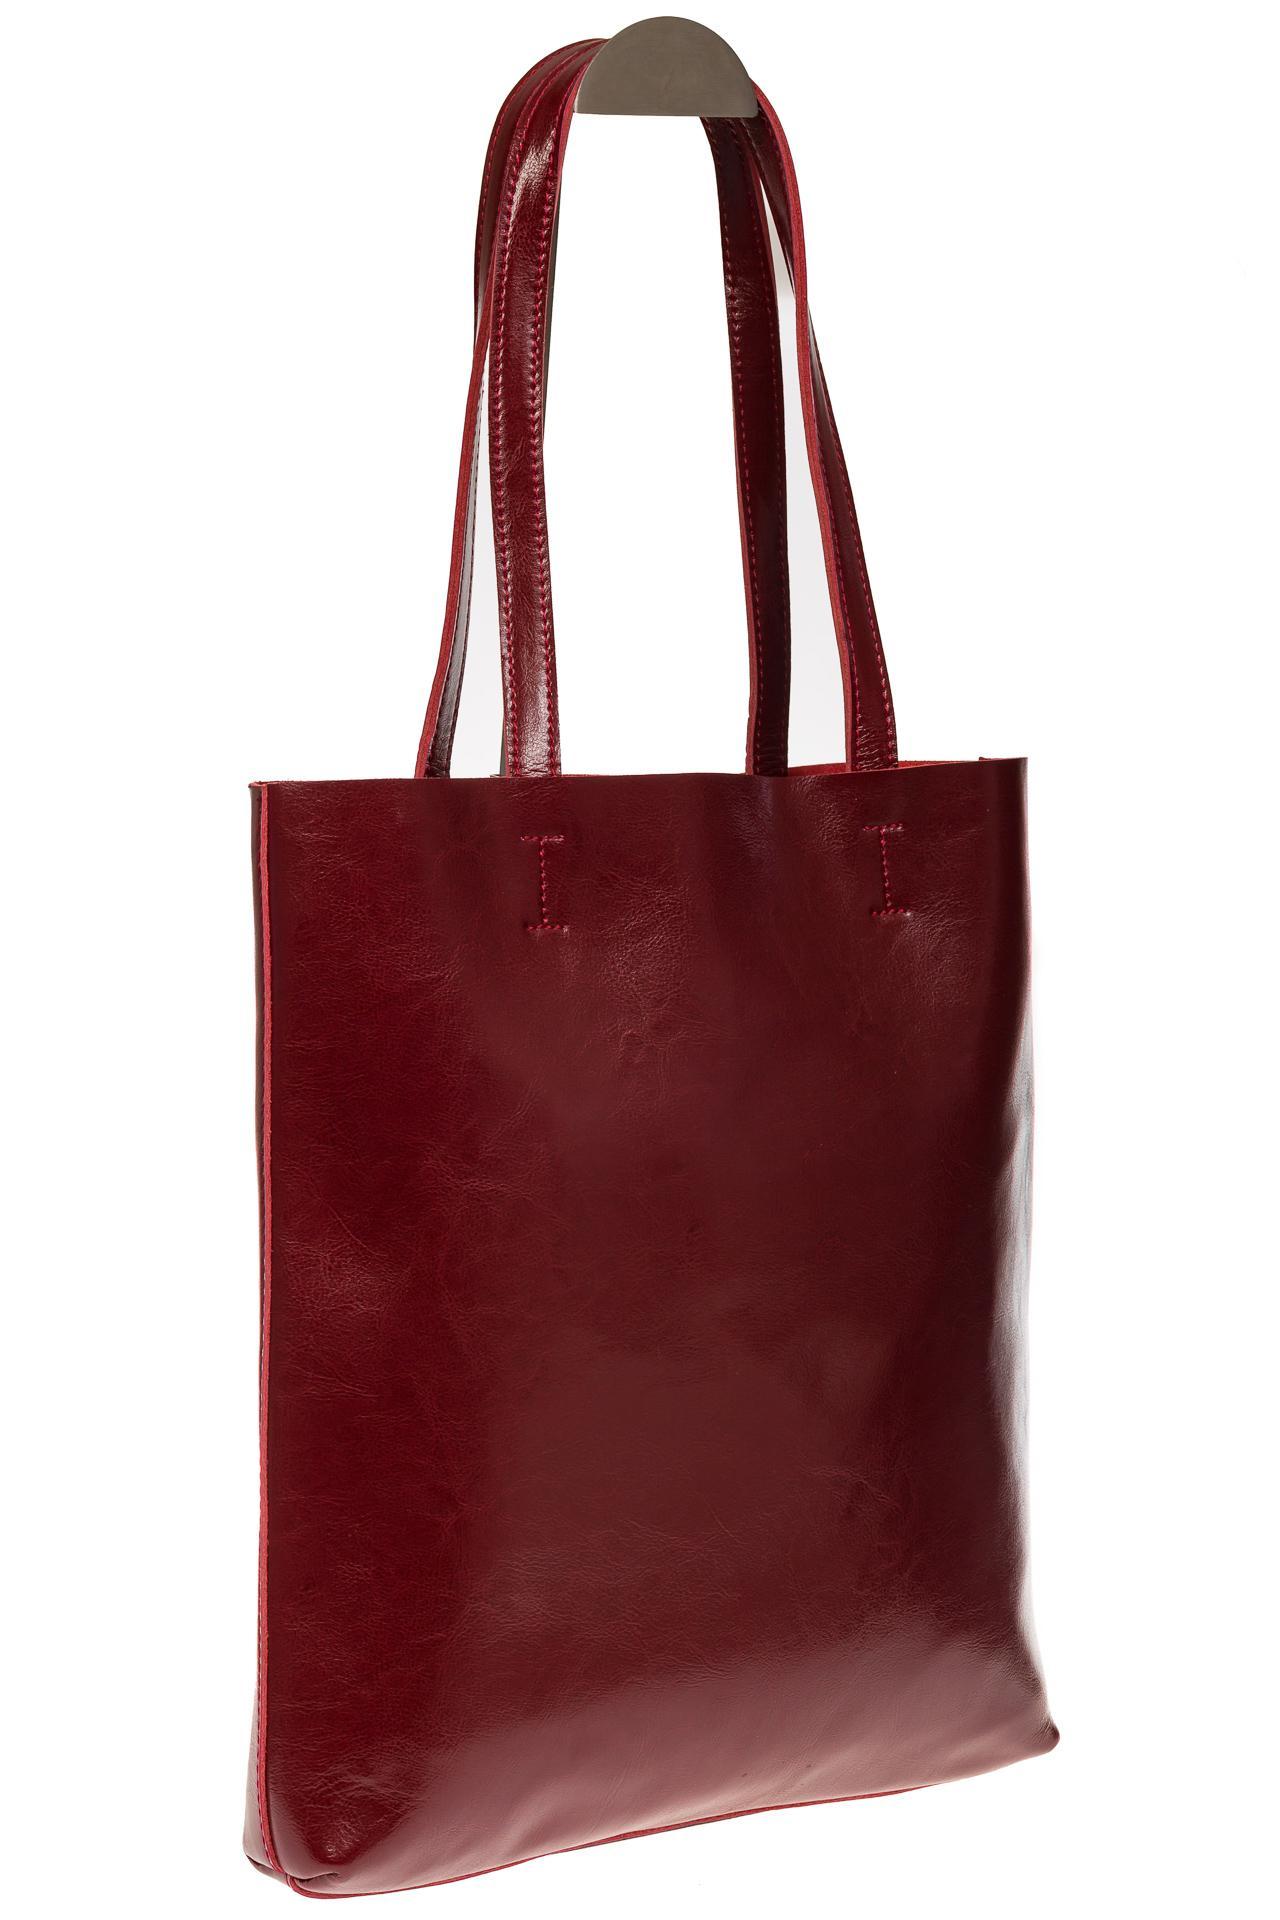 ae0820602c4b Женские кожаные сумки оптом - купить женские сумочки из натуральной кожи у  поставщика